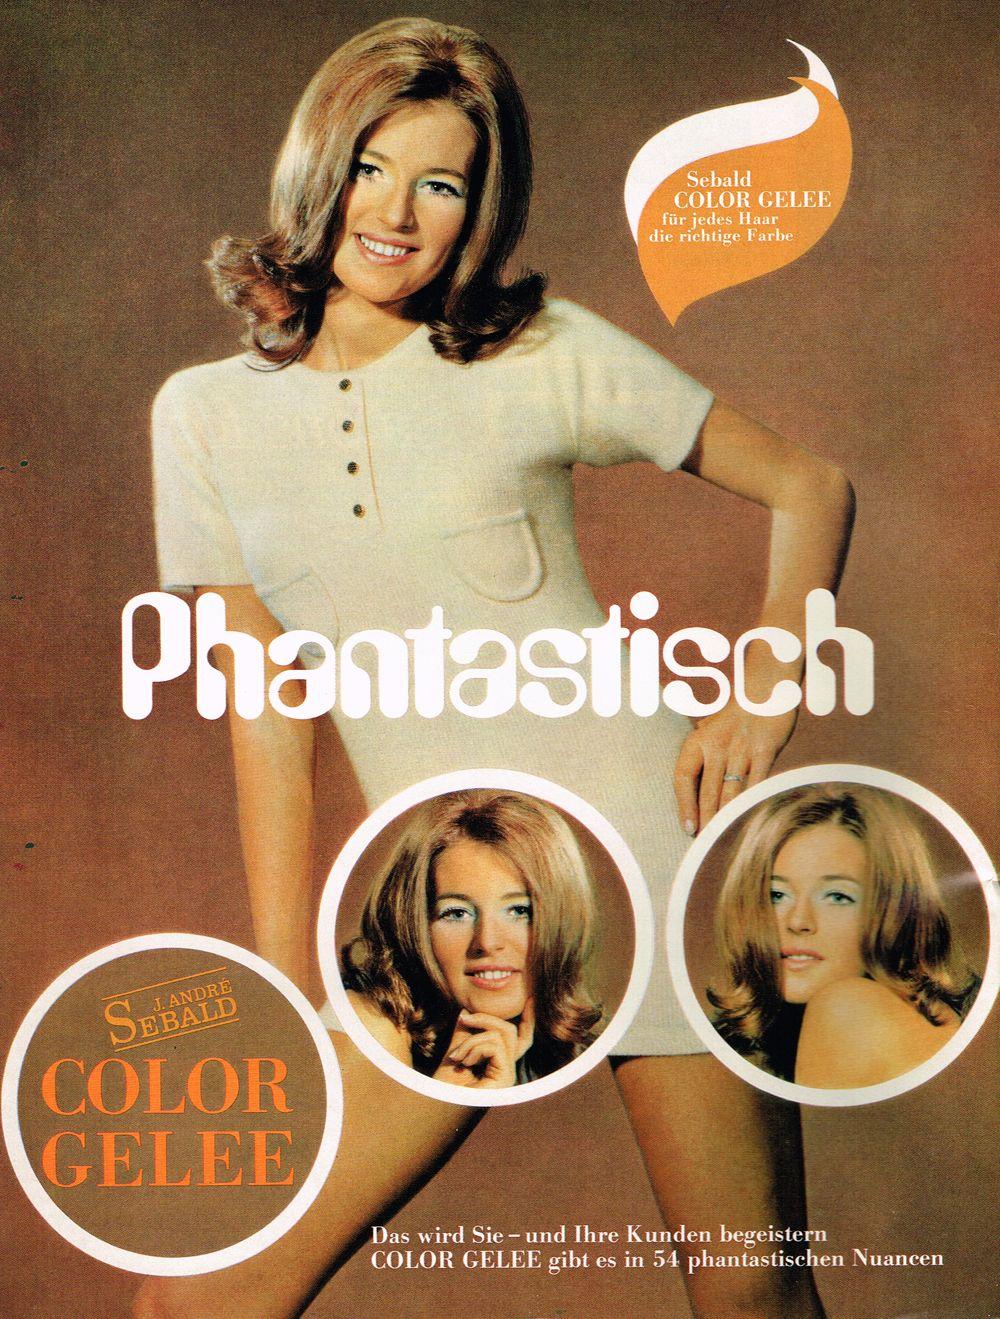 1971 Phantastisch